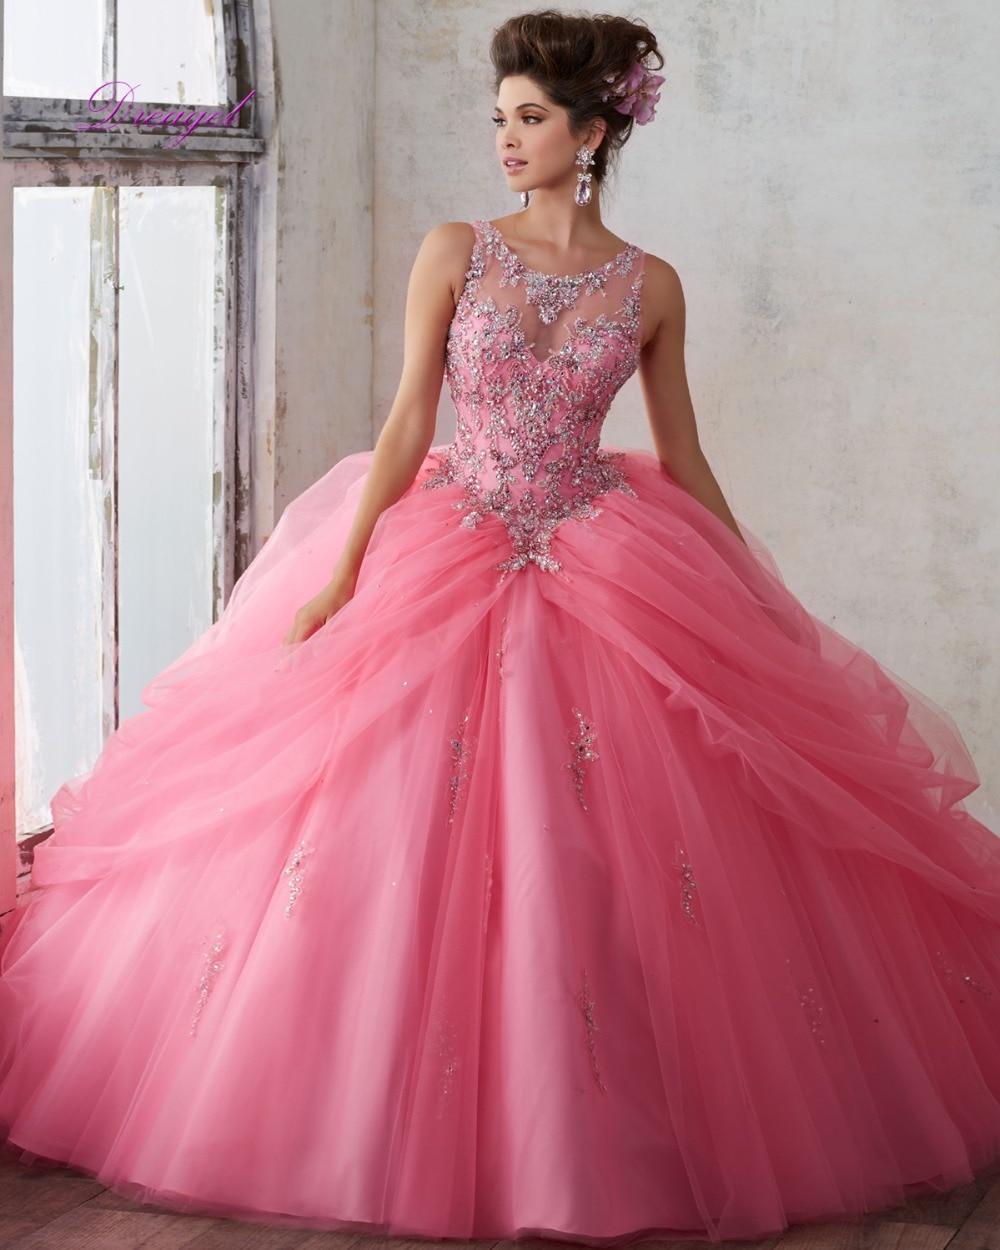 b978c553e0 Dreagel Romántica Princesa Sin Tirantes de Quinceanera del Vestido Vestido  2016 Crystal Lujo Con Cuentas Debutante Vestido Durante 15 Años de La Venta  ...